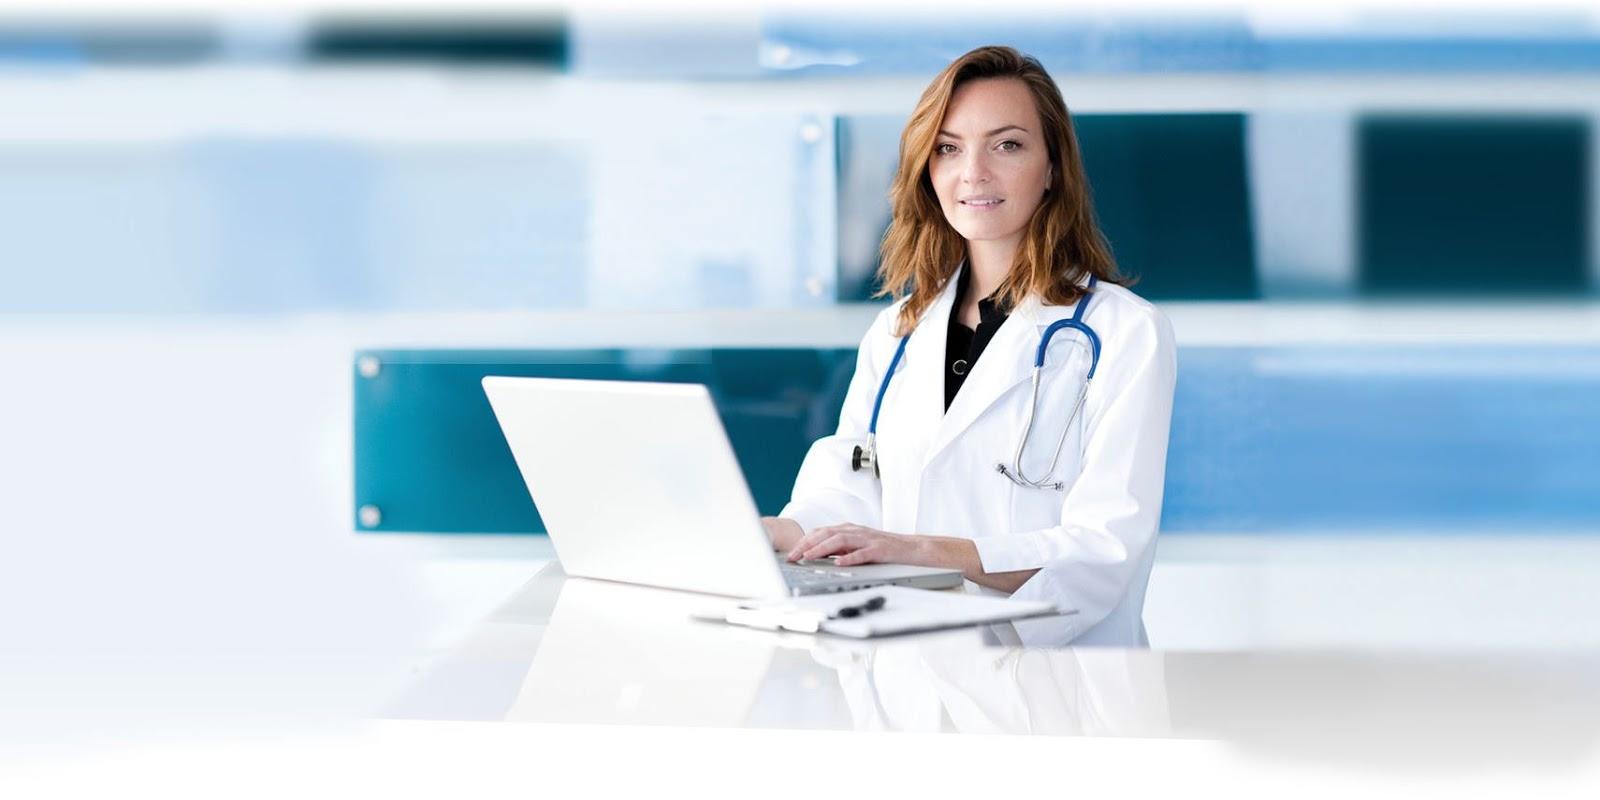 Uma médica com cabelos loiros, usa jaleco e tem um estetoscópio no pescoço. Ela digita em um computador em cima de uma mesa branca com um fundo claro e tons de azul.